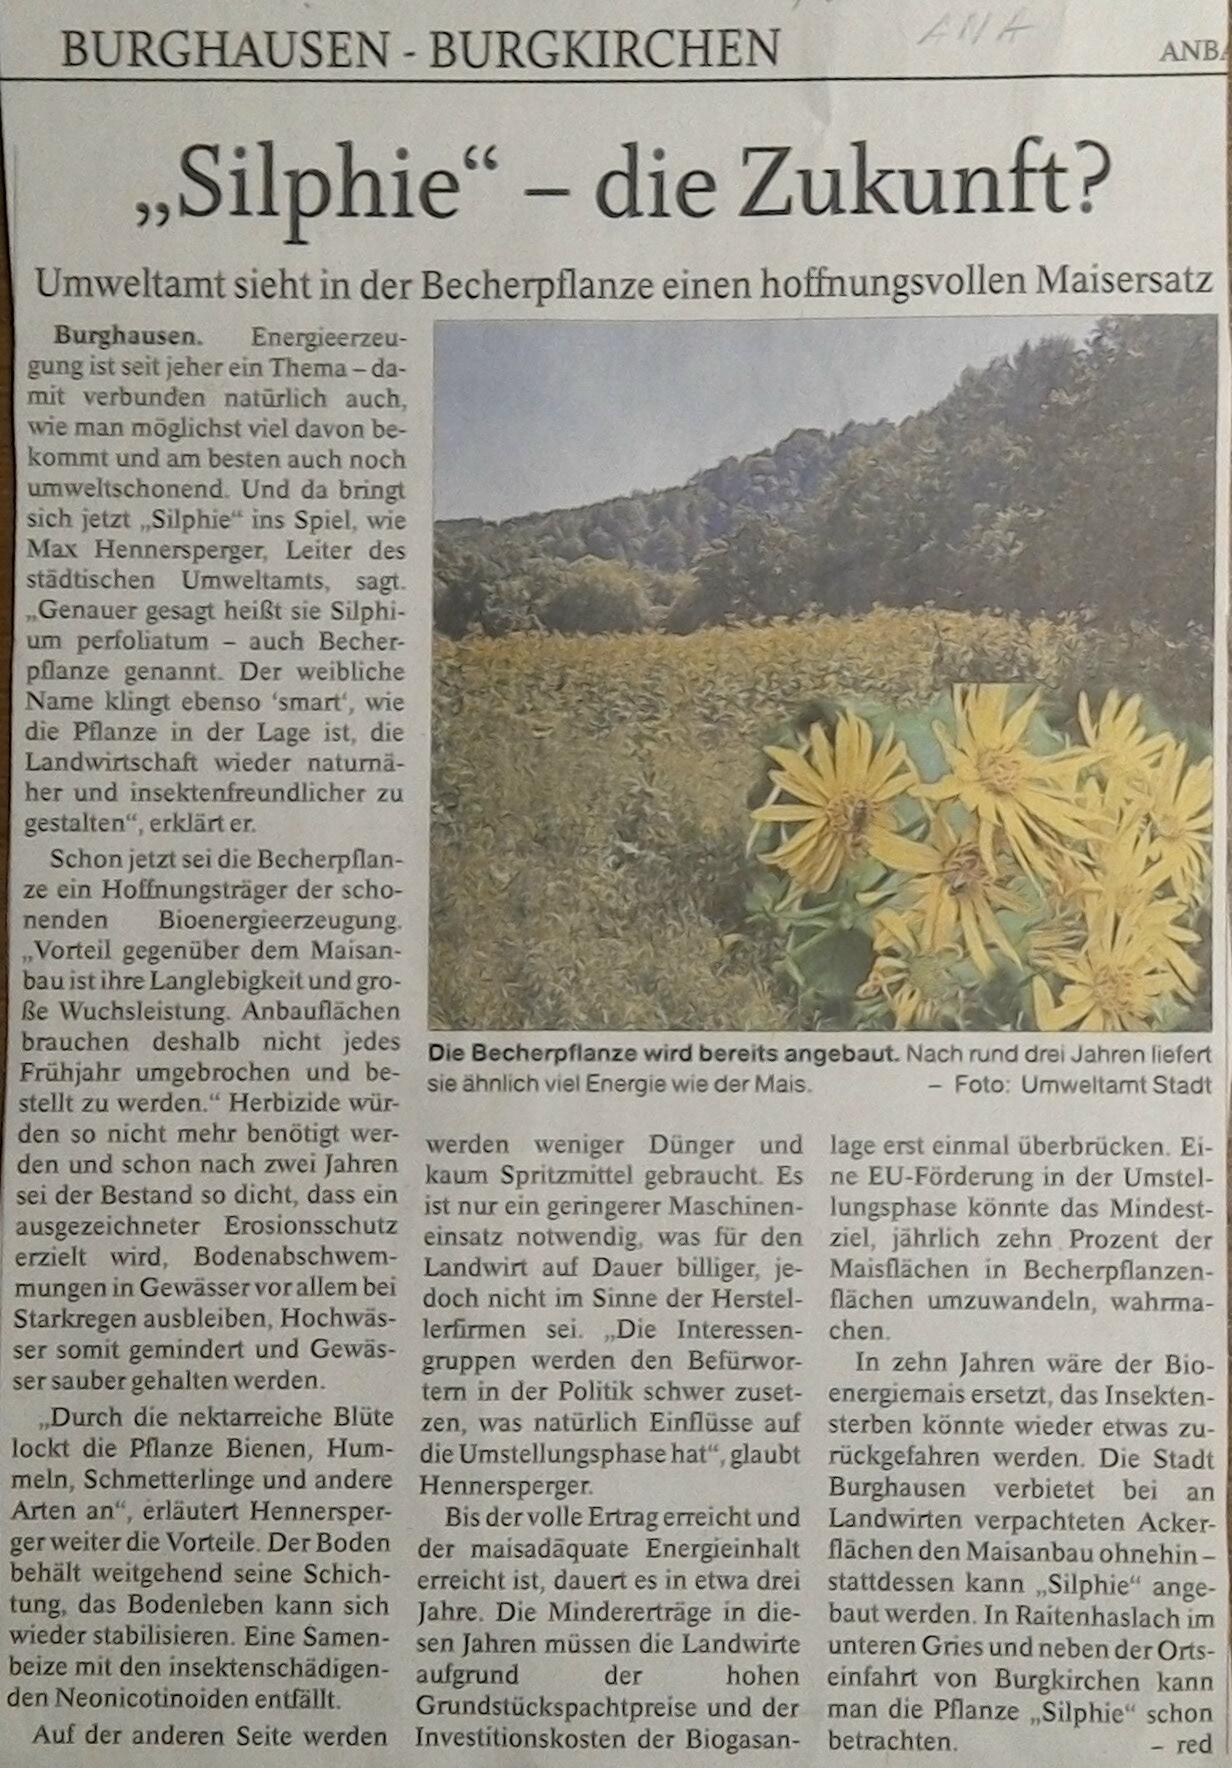 Silphie - Energiepflanze als Ersatz für den Mais in Burghausen